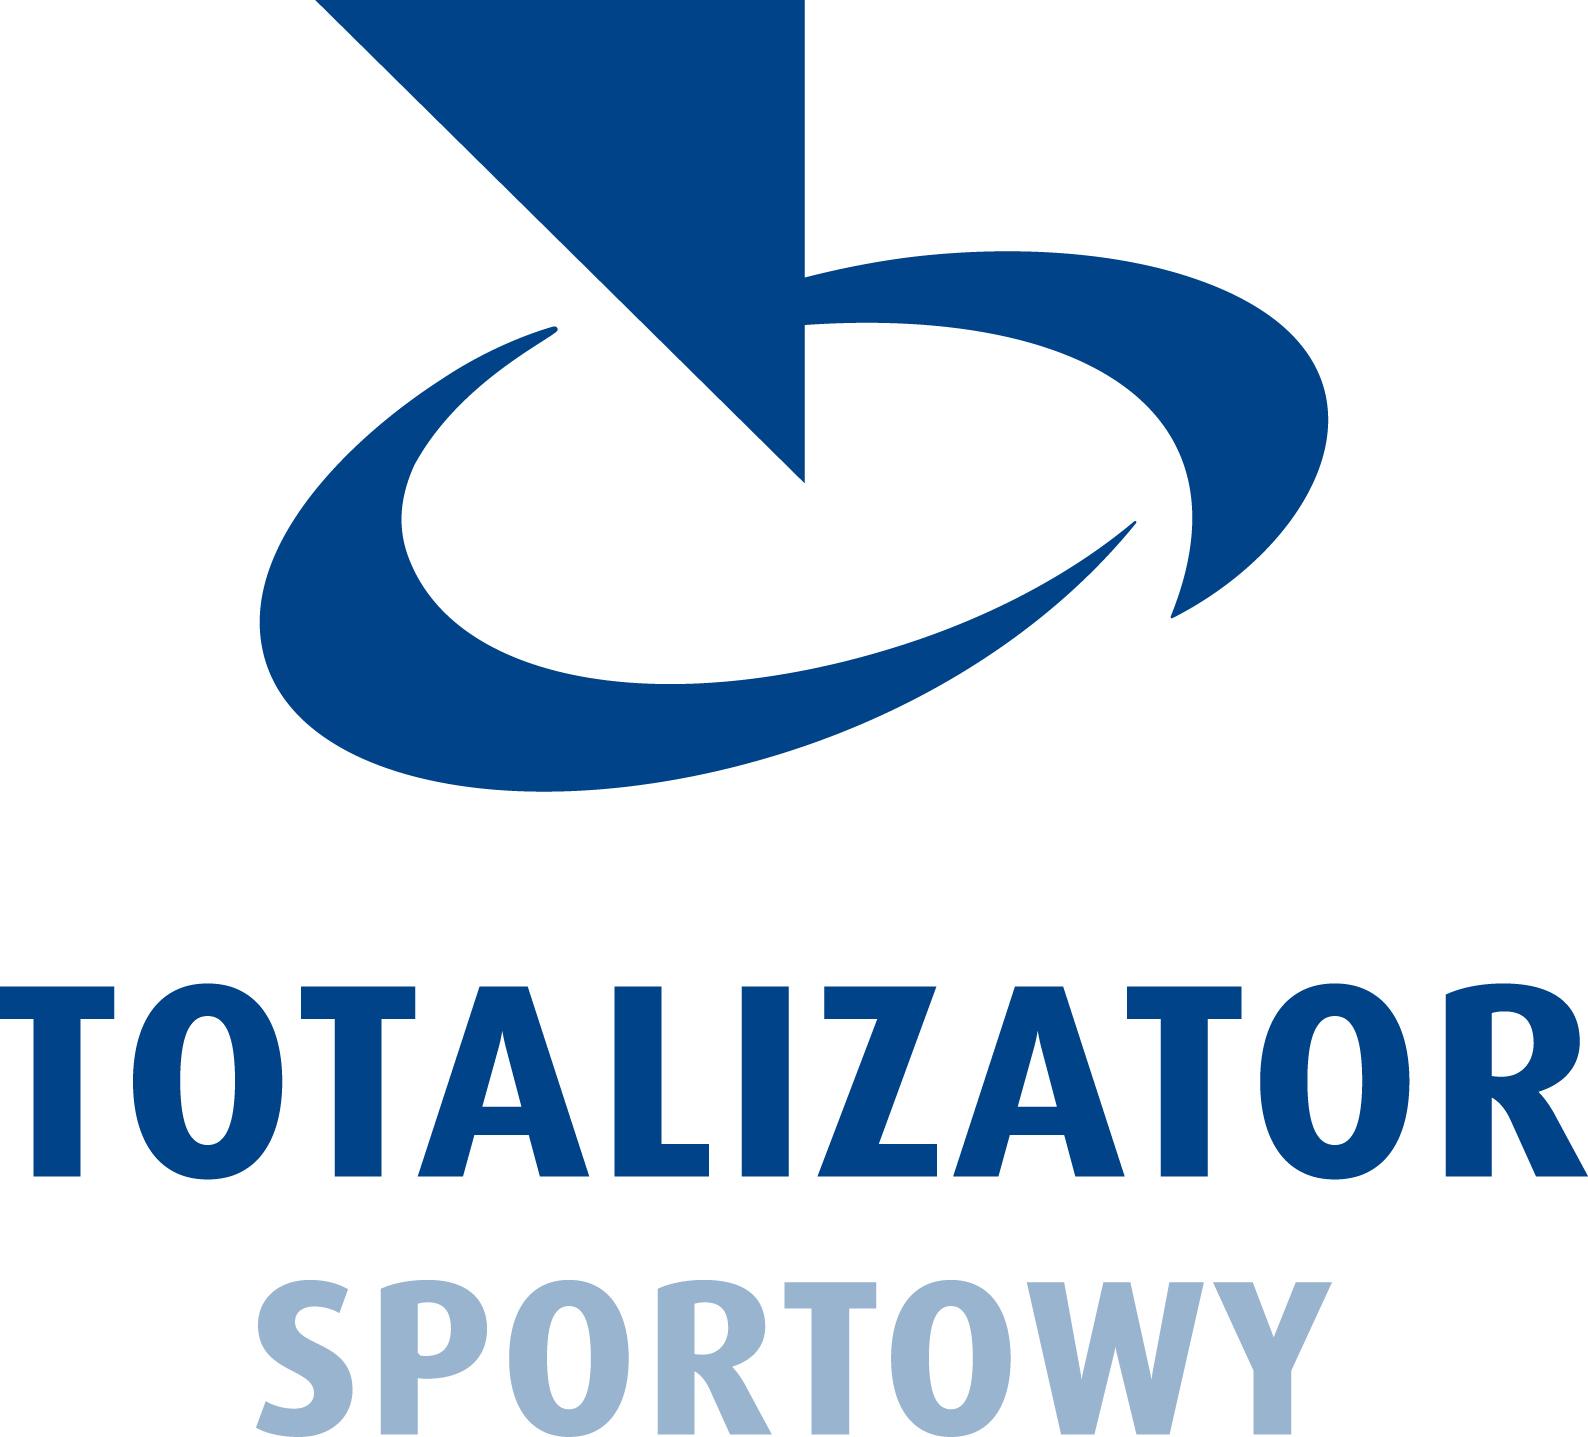 Totalizator Sportowy